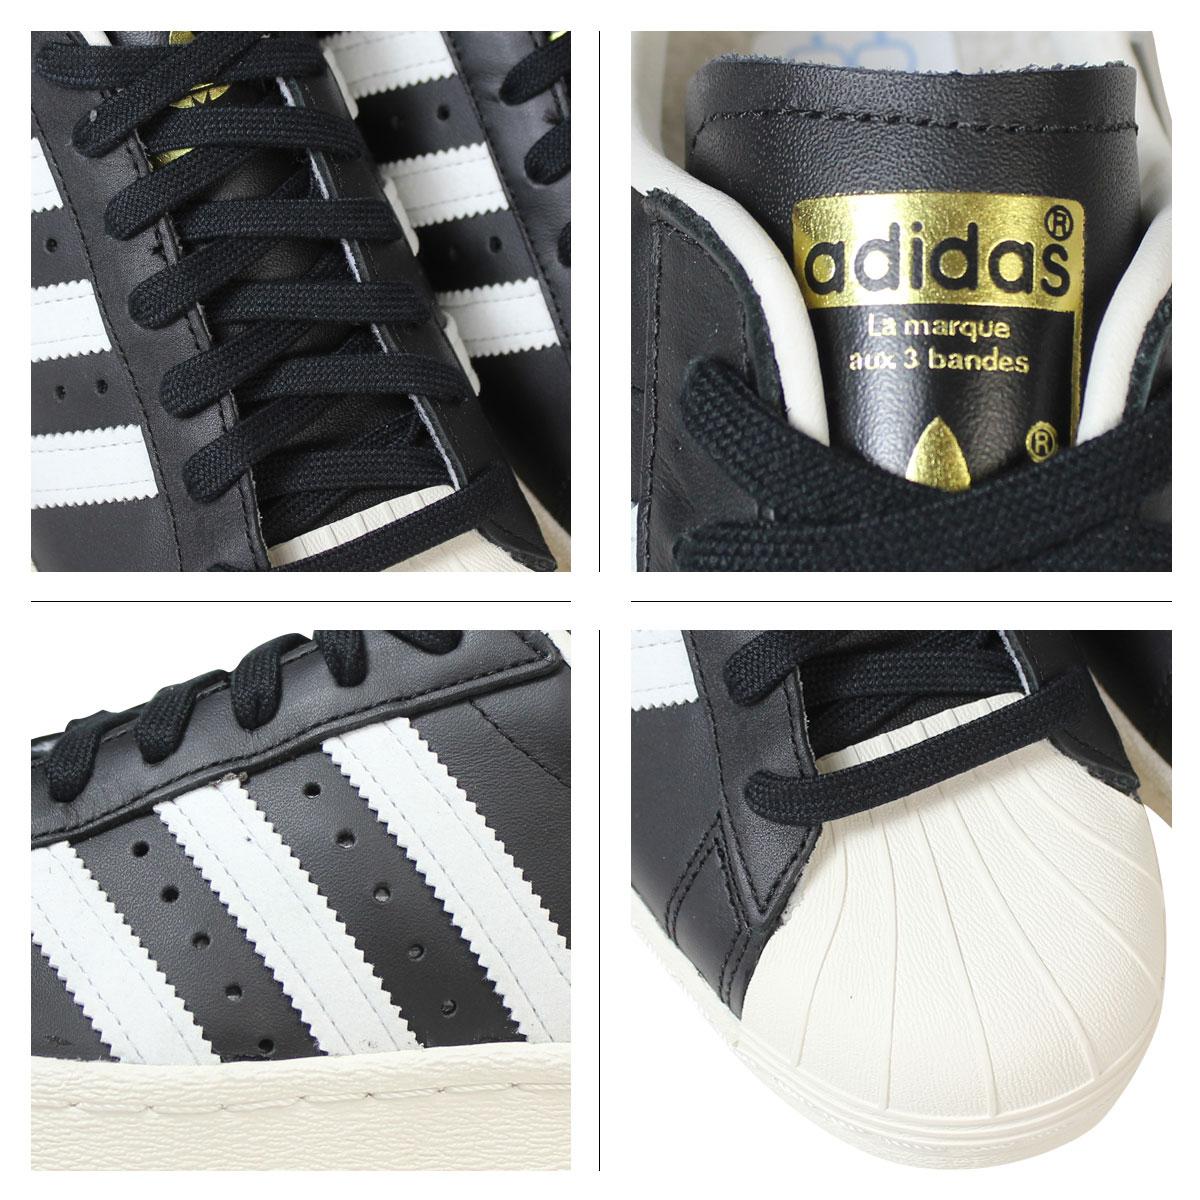 Adidas Originals Superstar 80s Shoes Black G61069